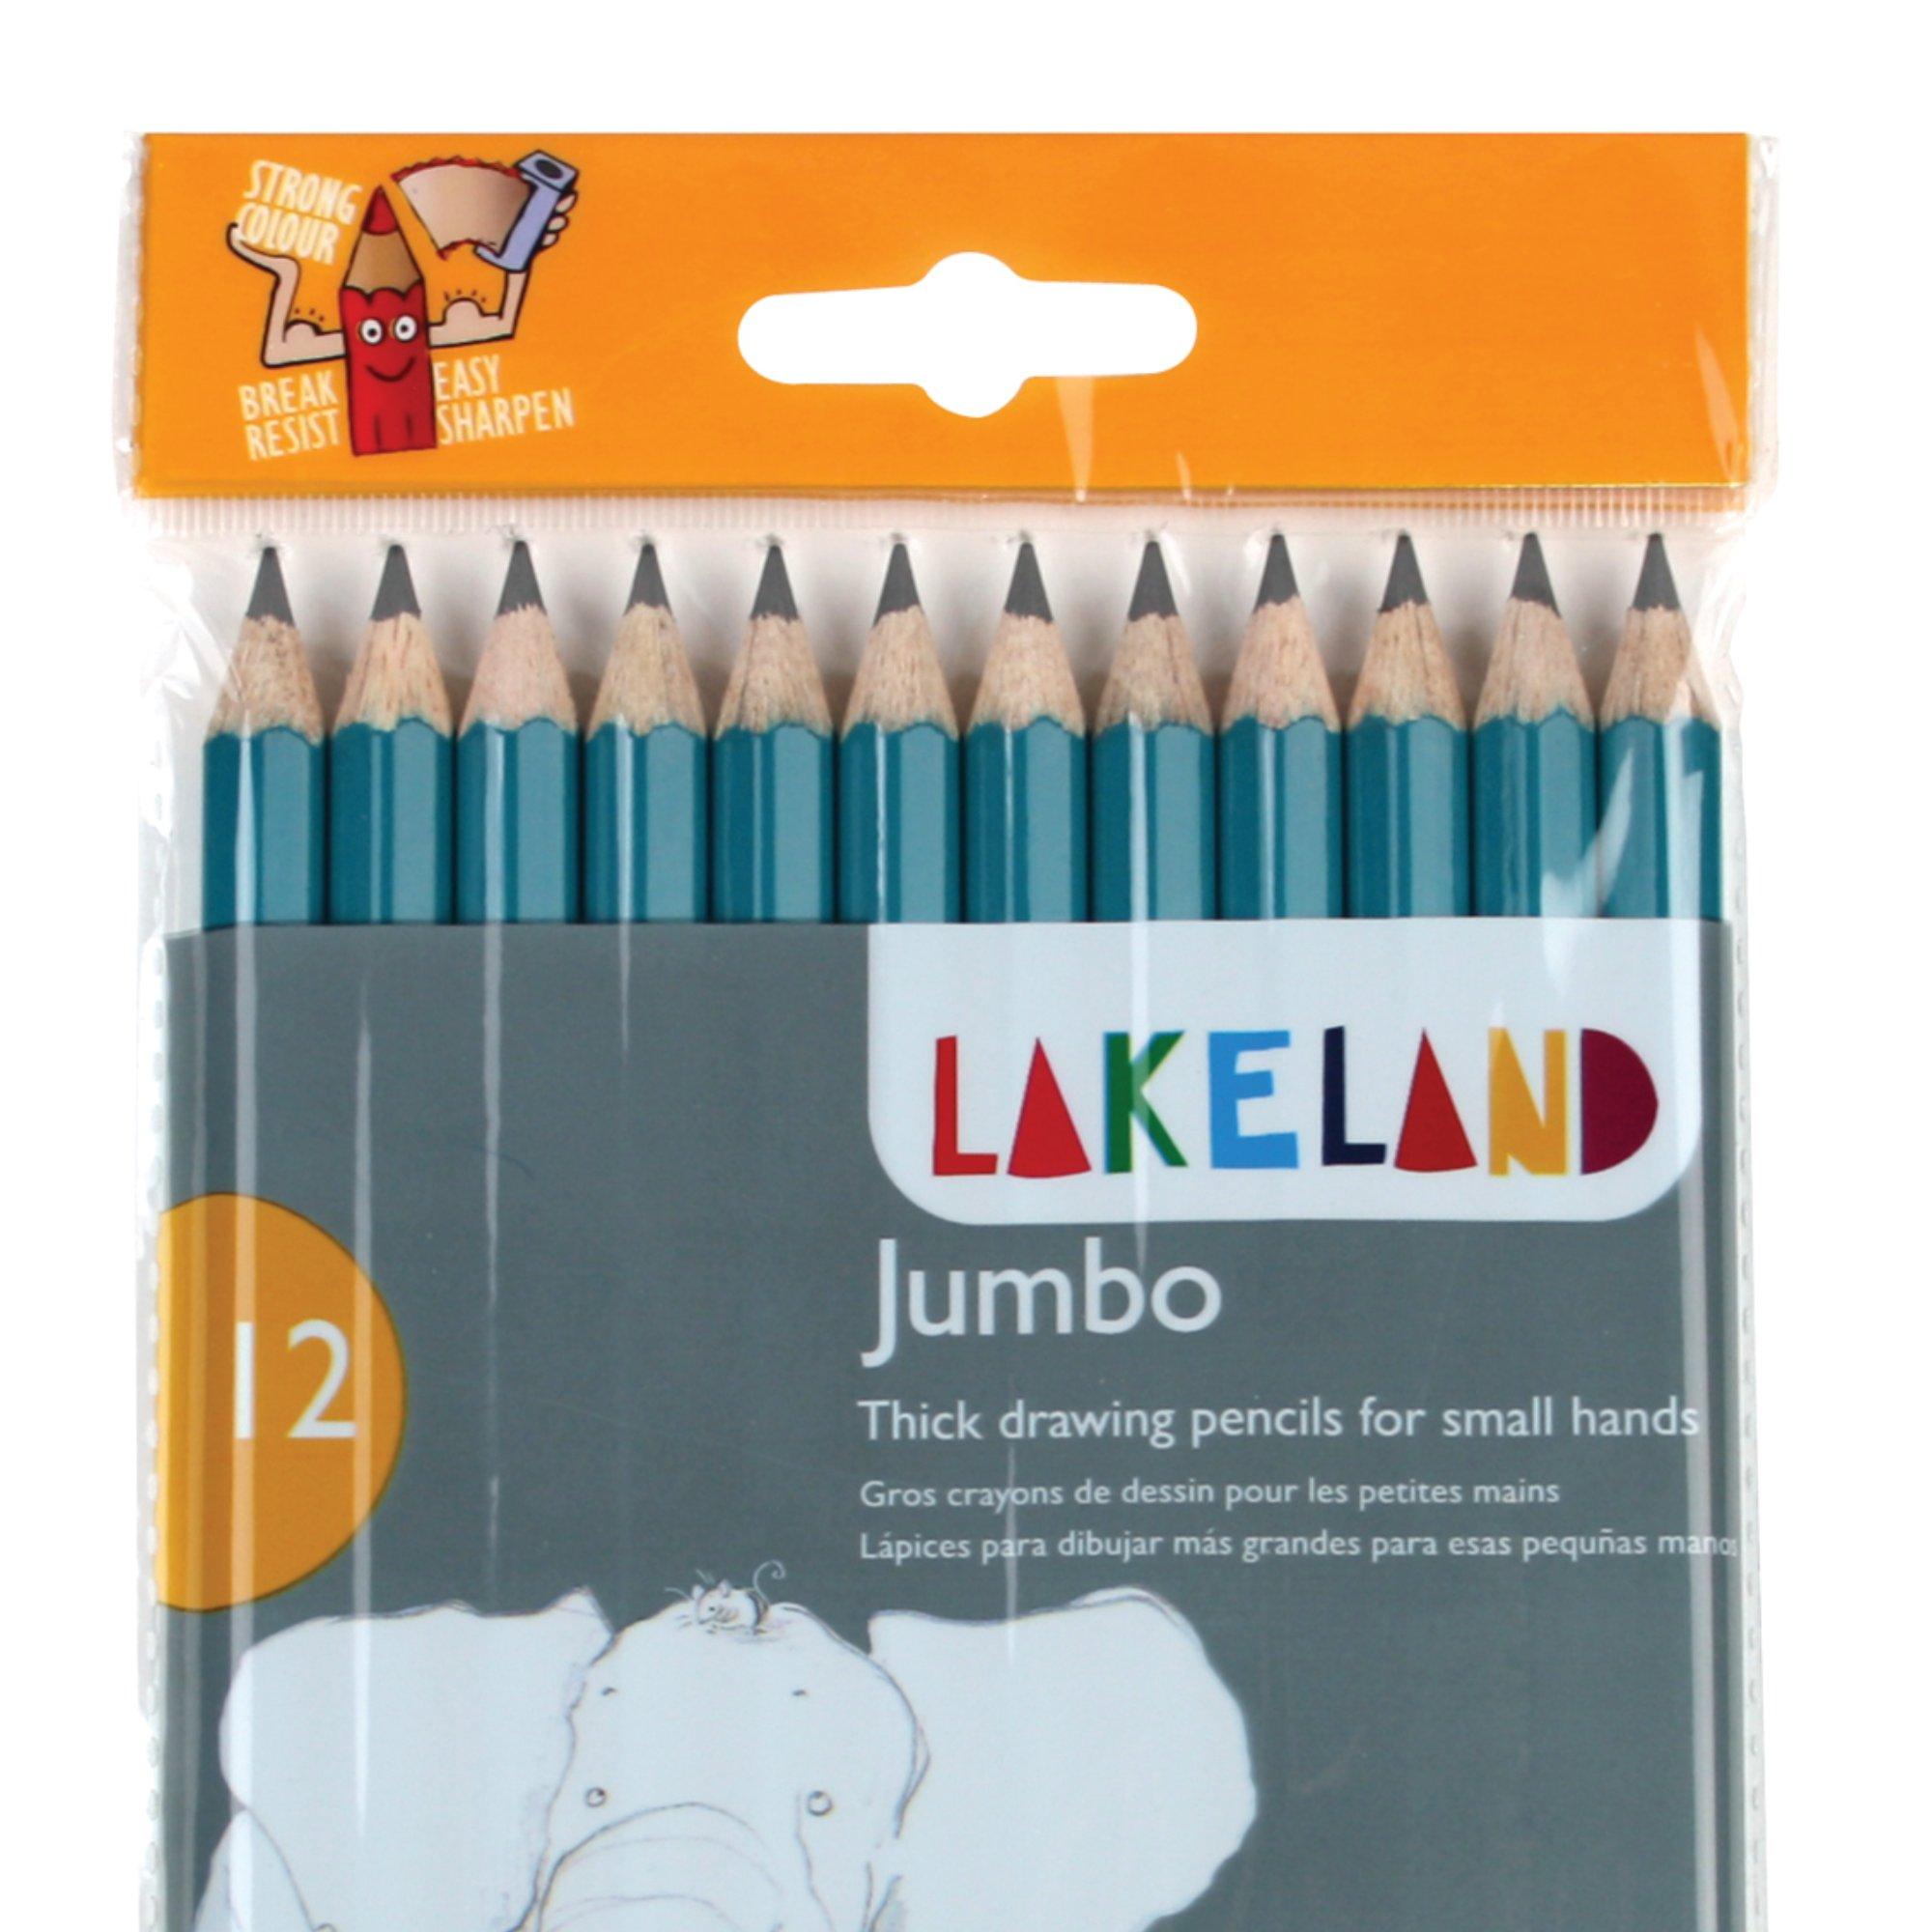 Derwent Lakeland 12 Jumbo Grip Graphite Pencils Set - Derwent